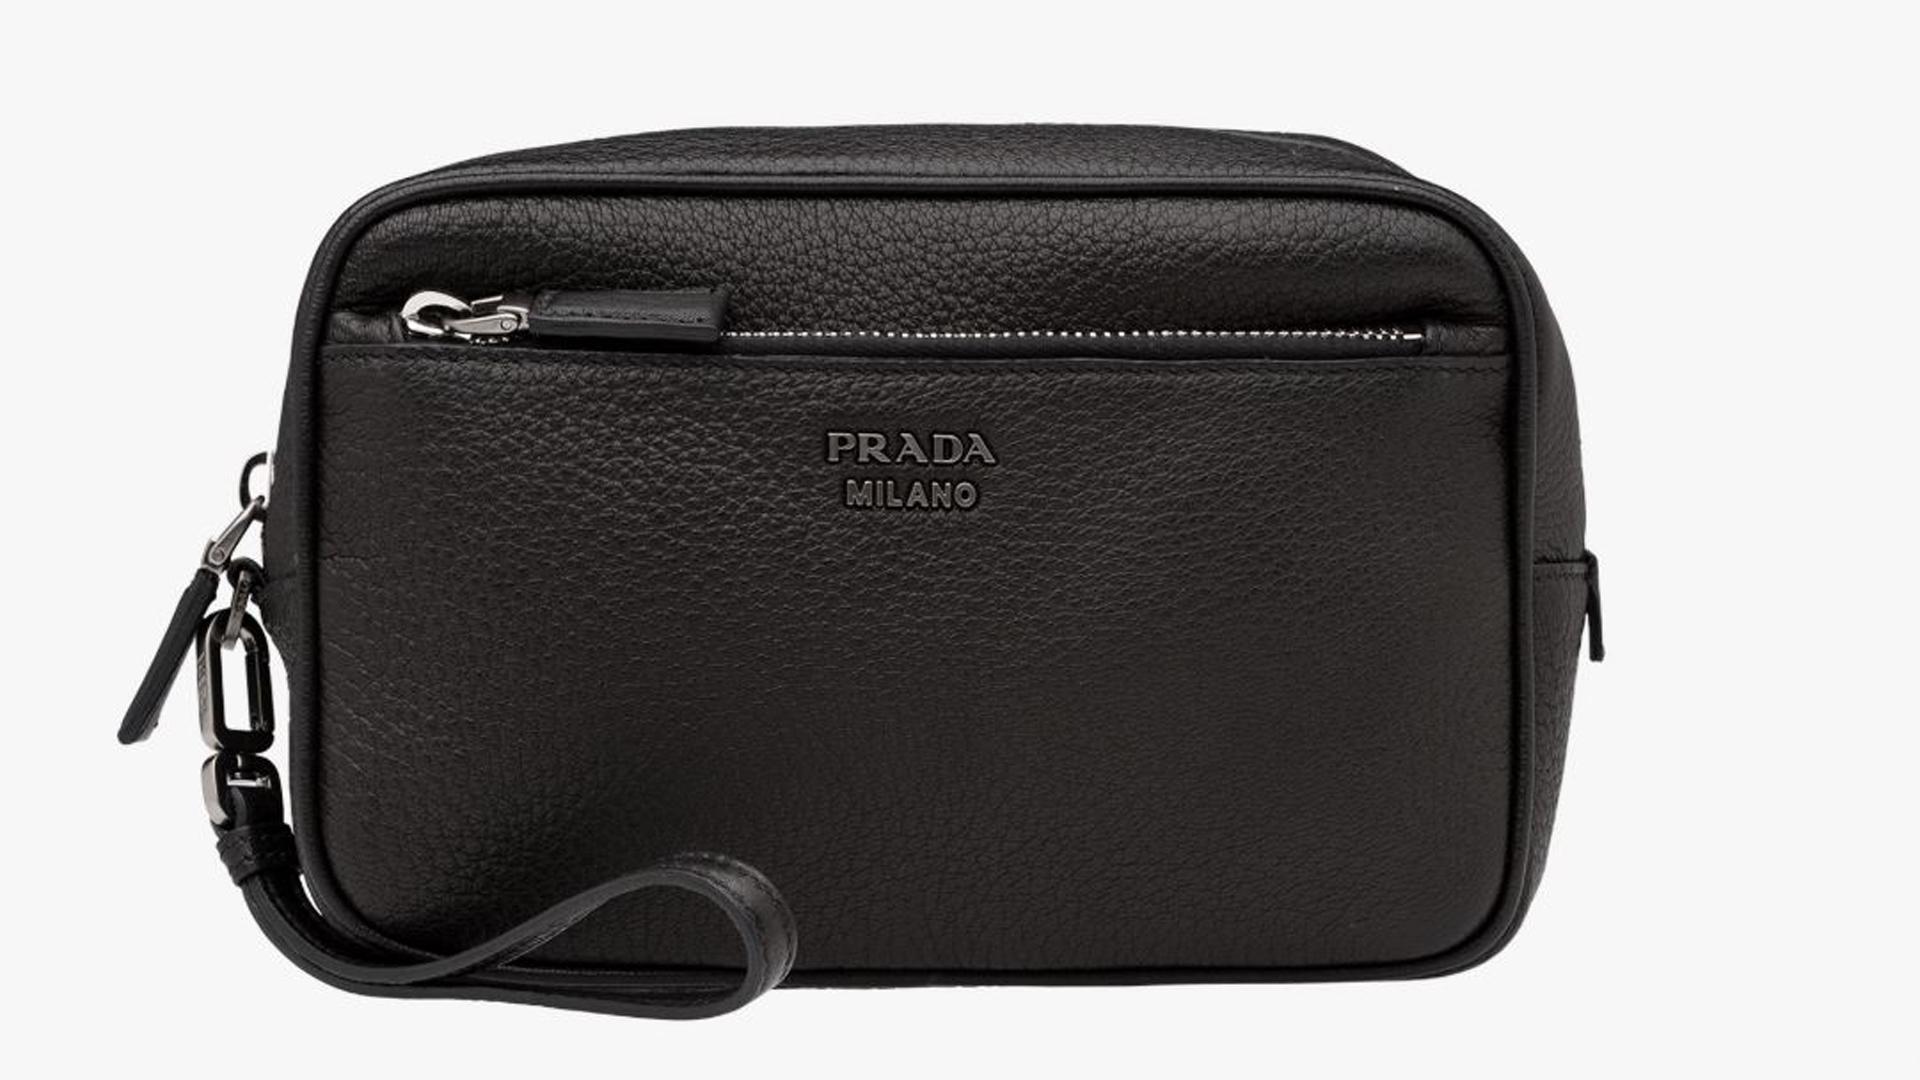 El neceser de cuero negro de Prada con detalle de cierre plateado y correa. La chapa de la firma en el frente (Prada)